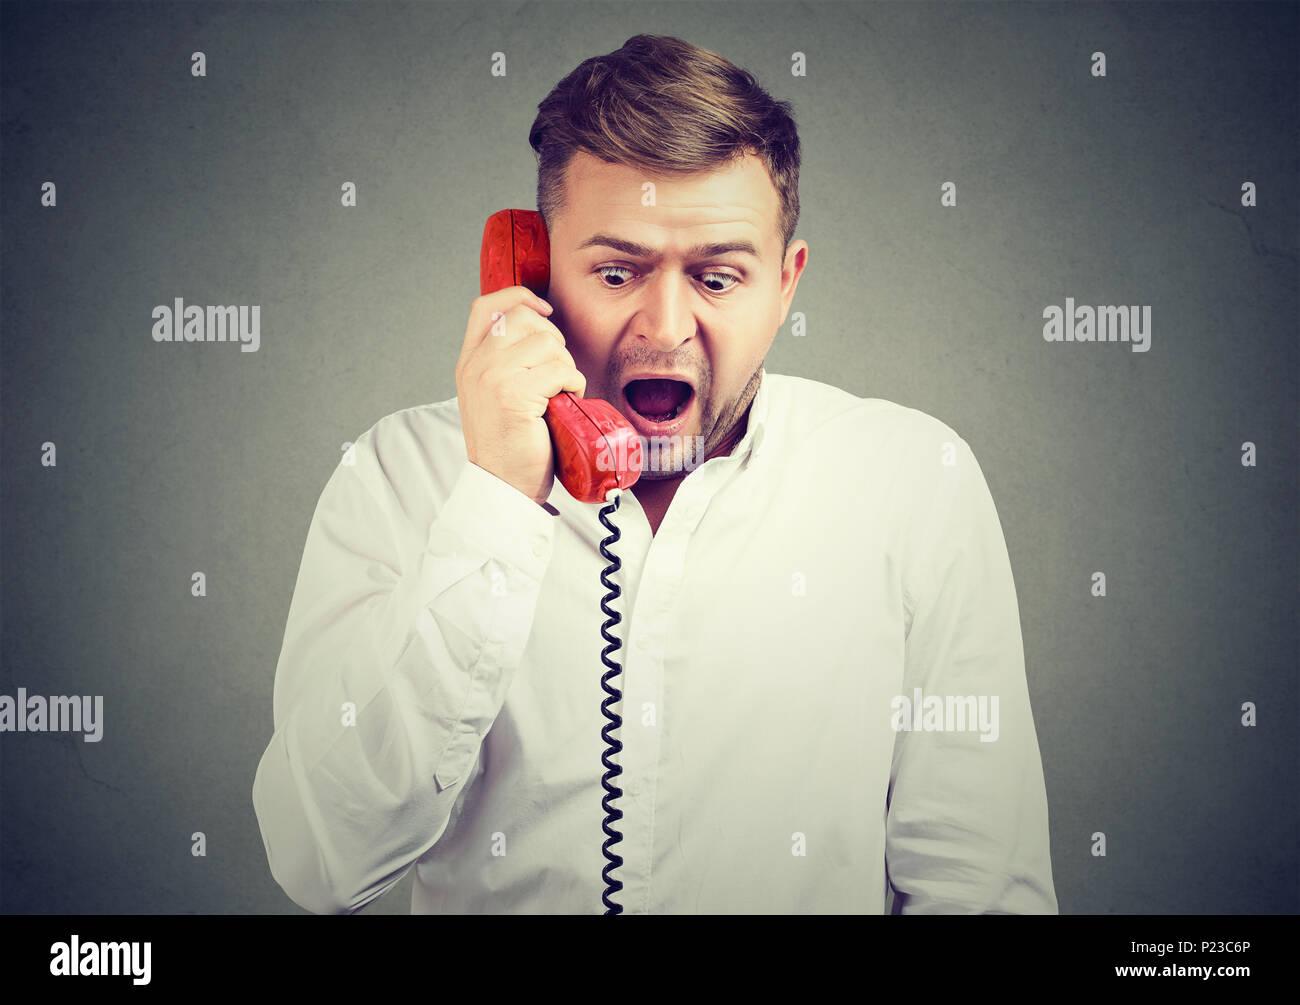 Urlando espressiva uomo parlando su un telefono di essere stordito con le cattive notizie e facendo reagire. Foto Stock